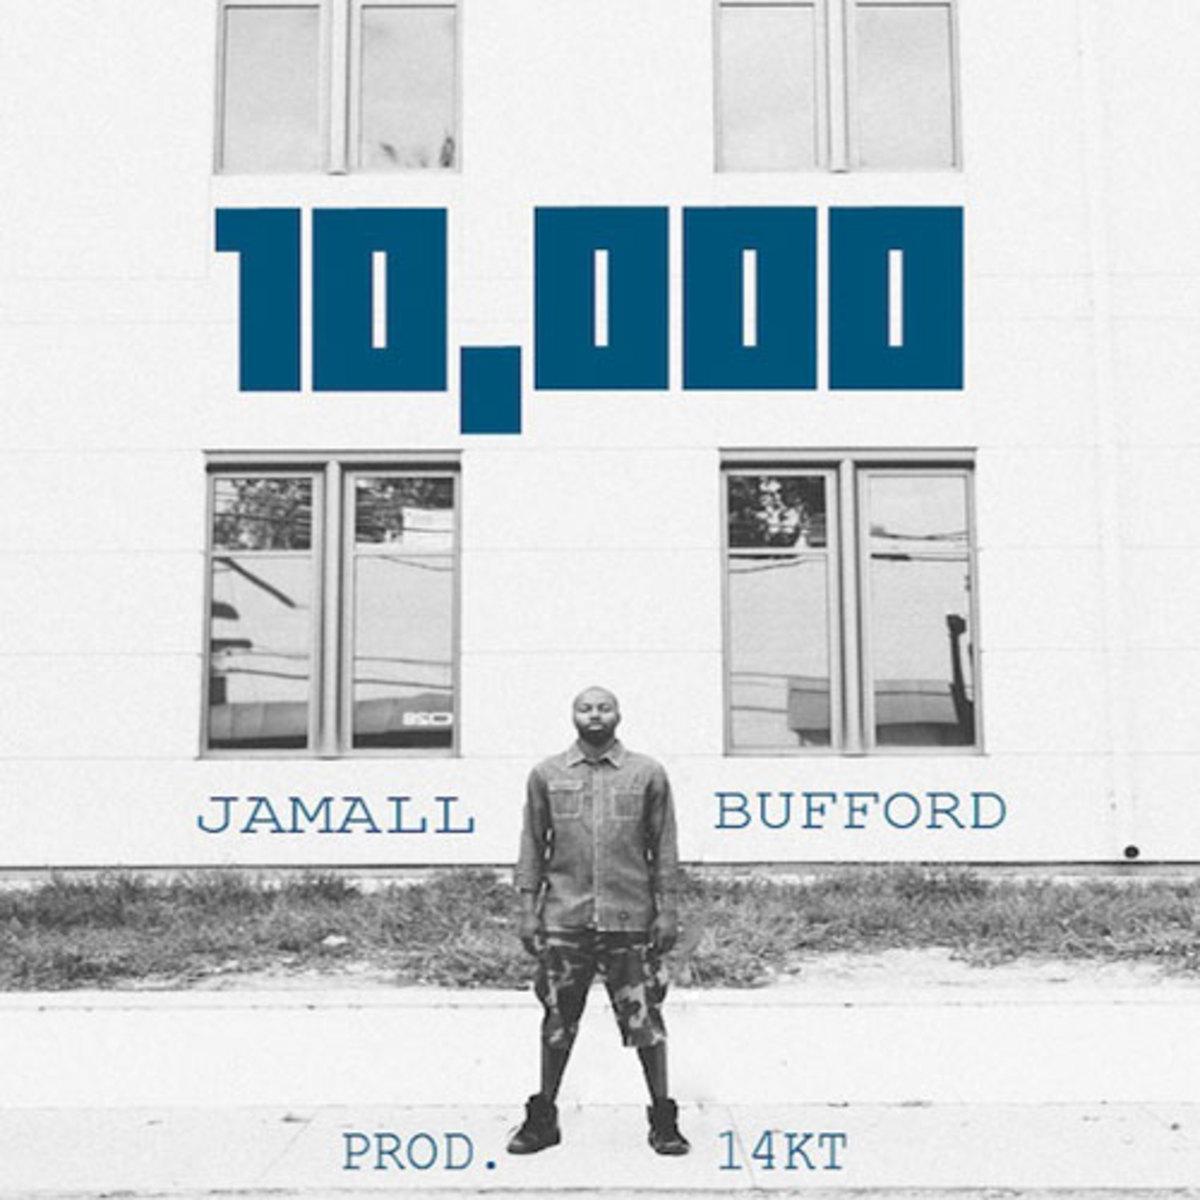 buff1-10000.jpg